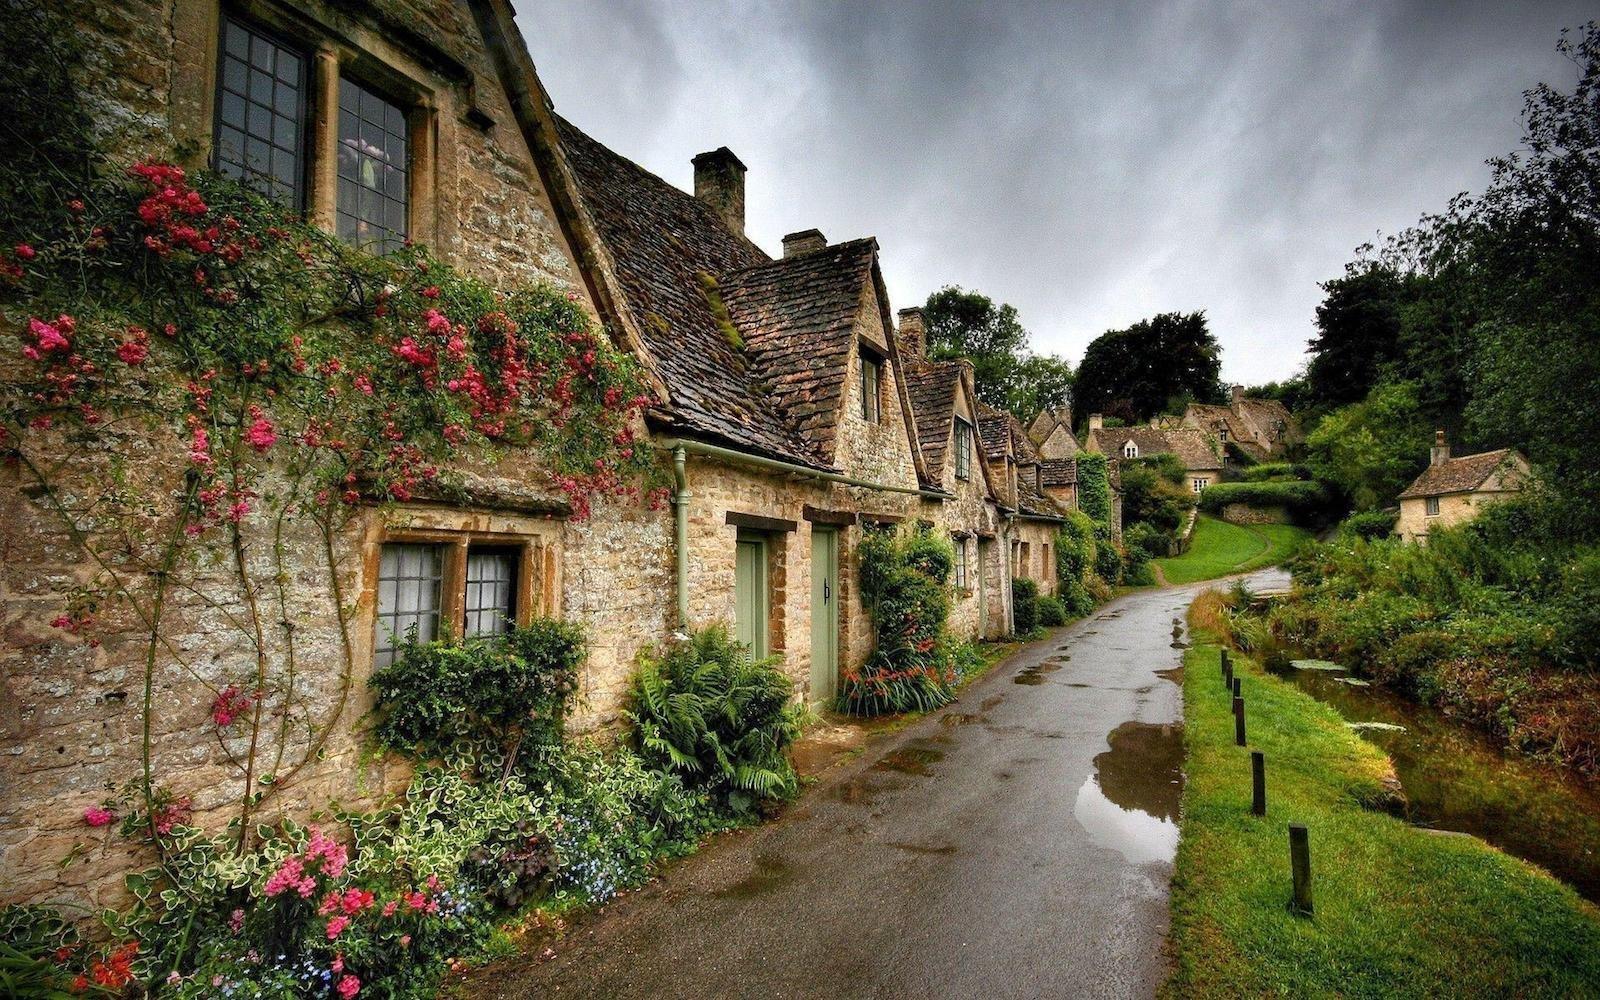 Бибури, Англия красивые места, мир, природа, путешествия, сказка